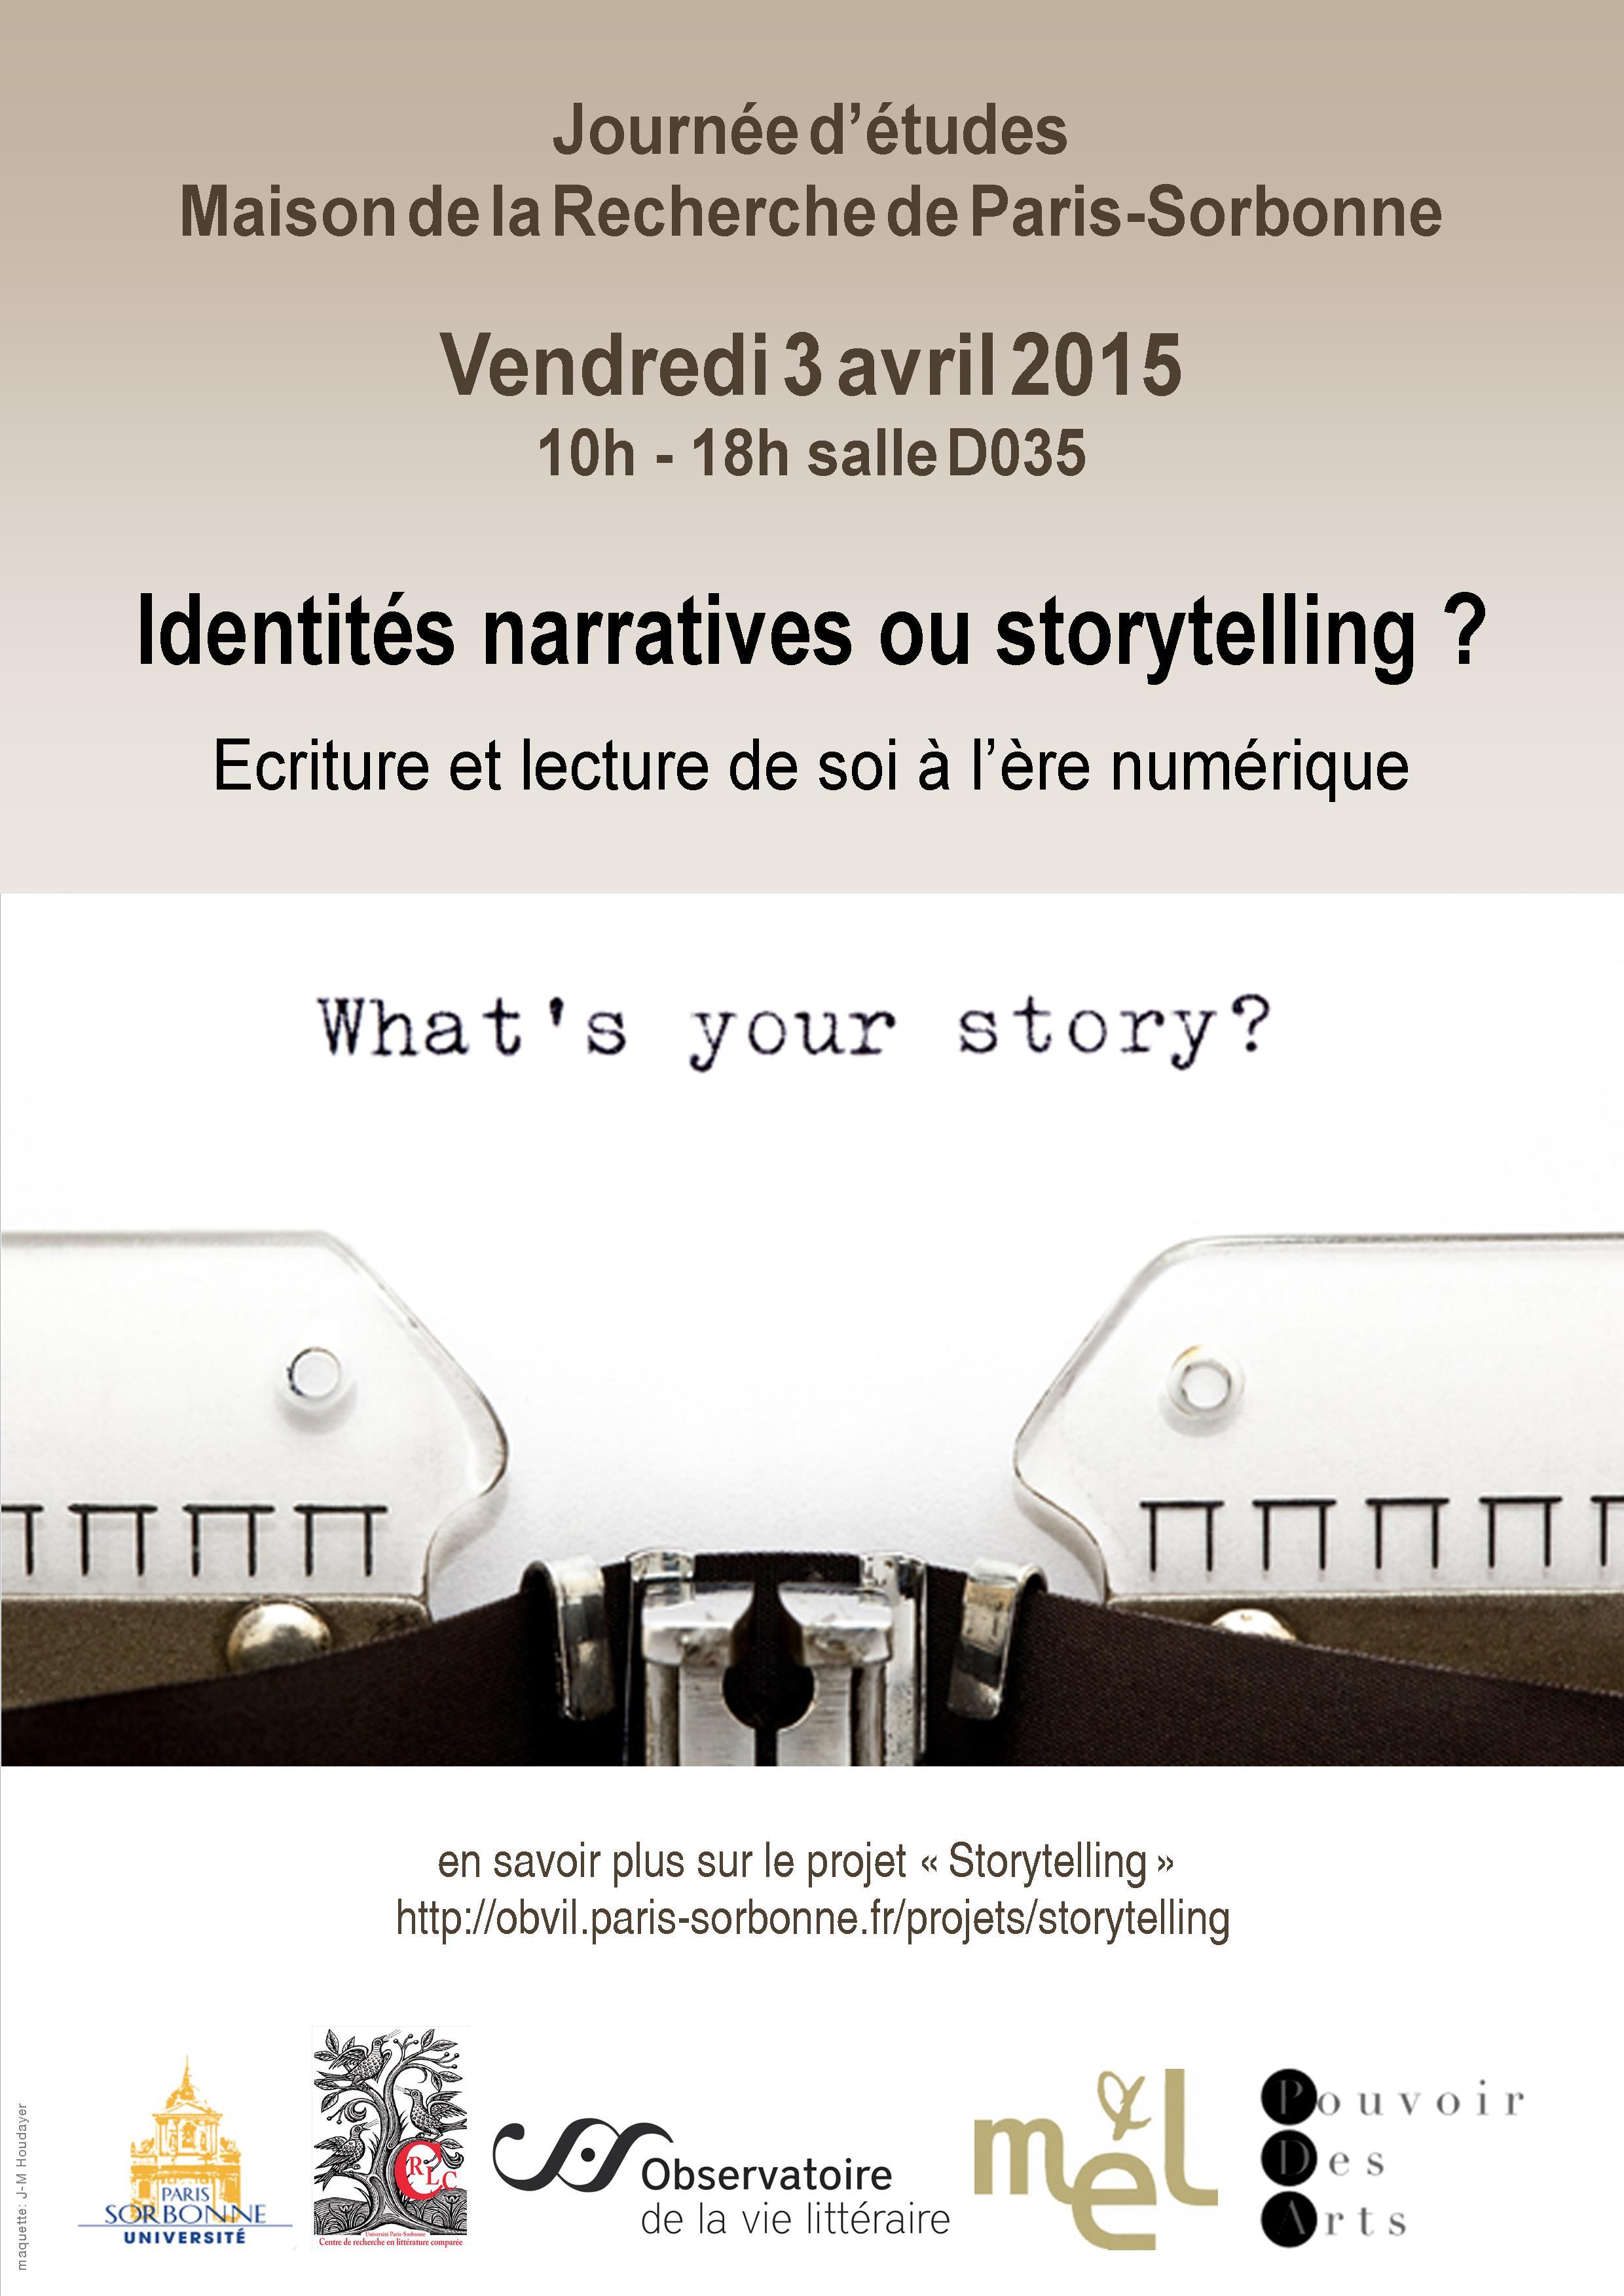 Identités narratives ou storytelling ? Ecriture et lecture de soi à l'ère numérique